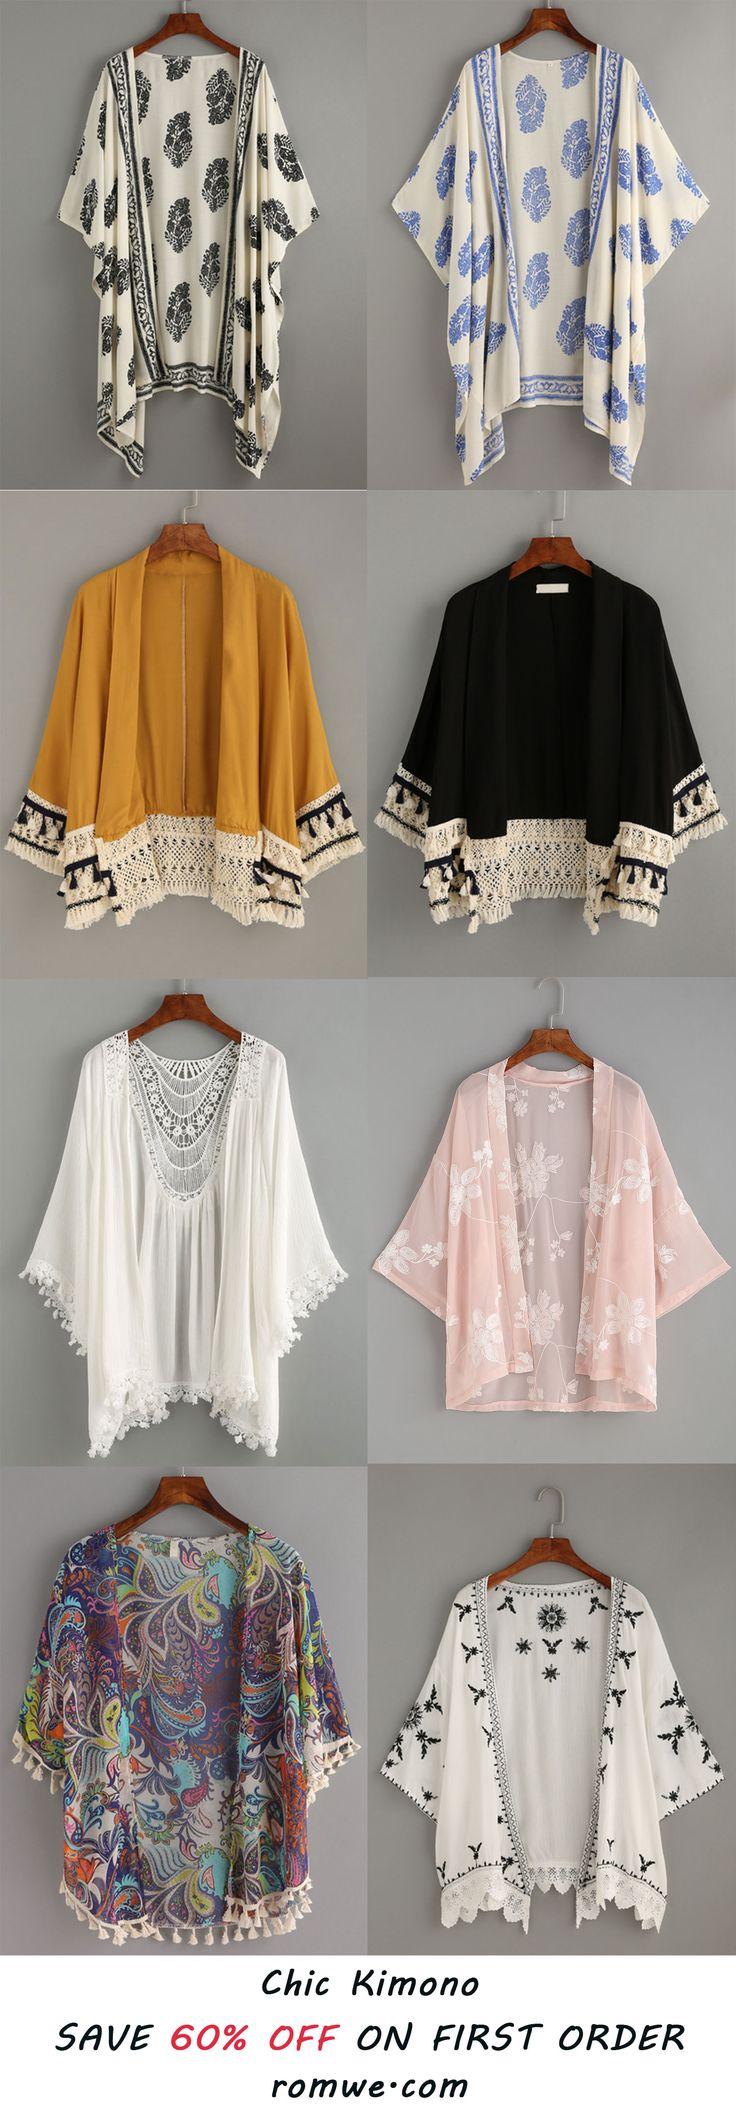 Chic Kimono